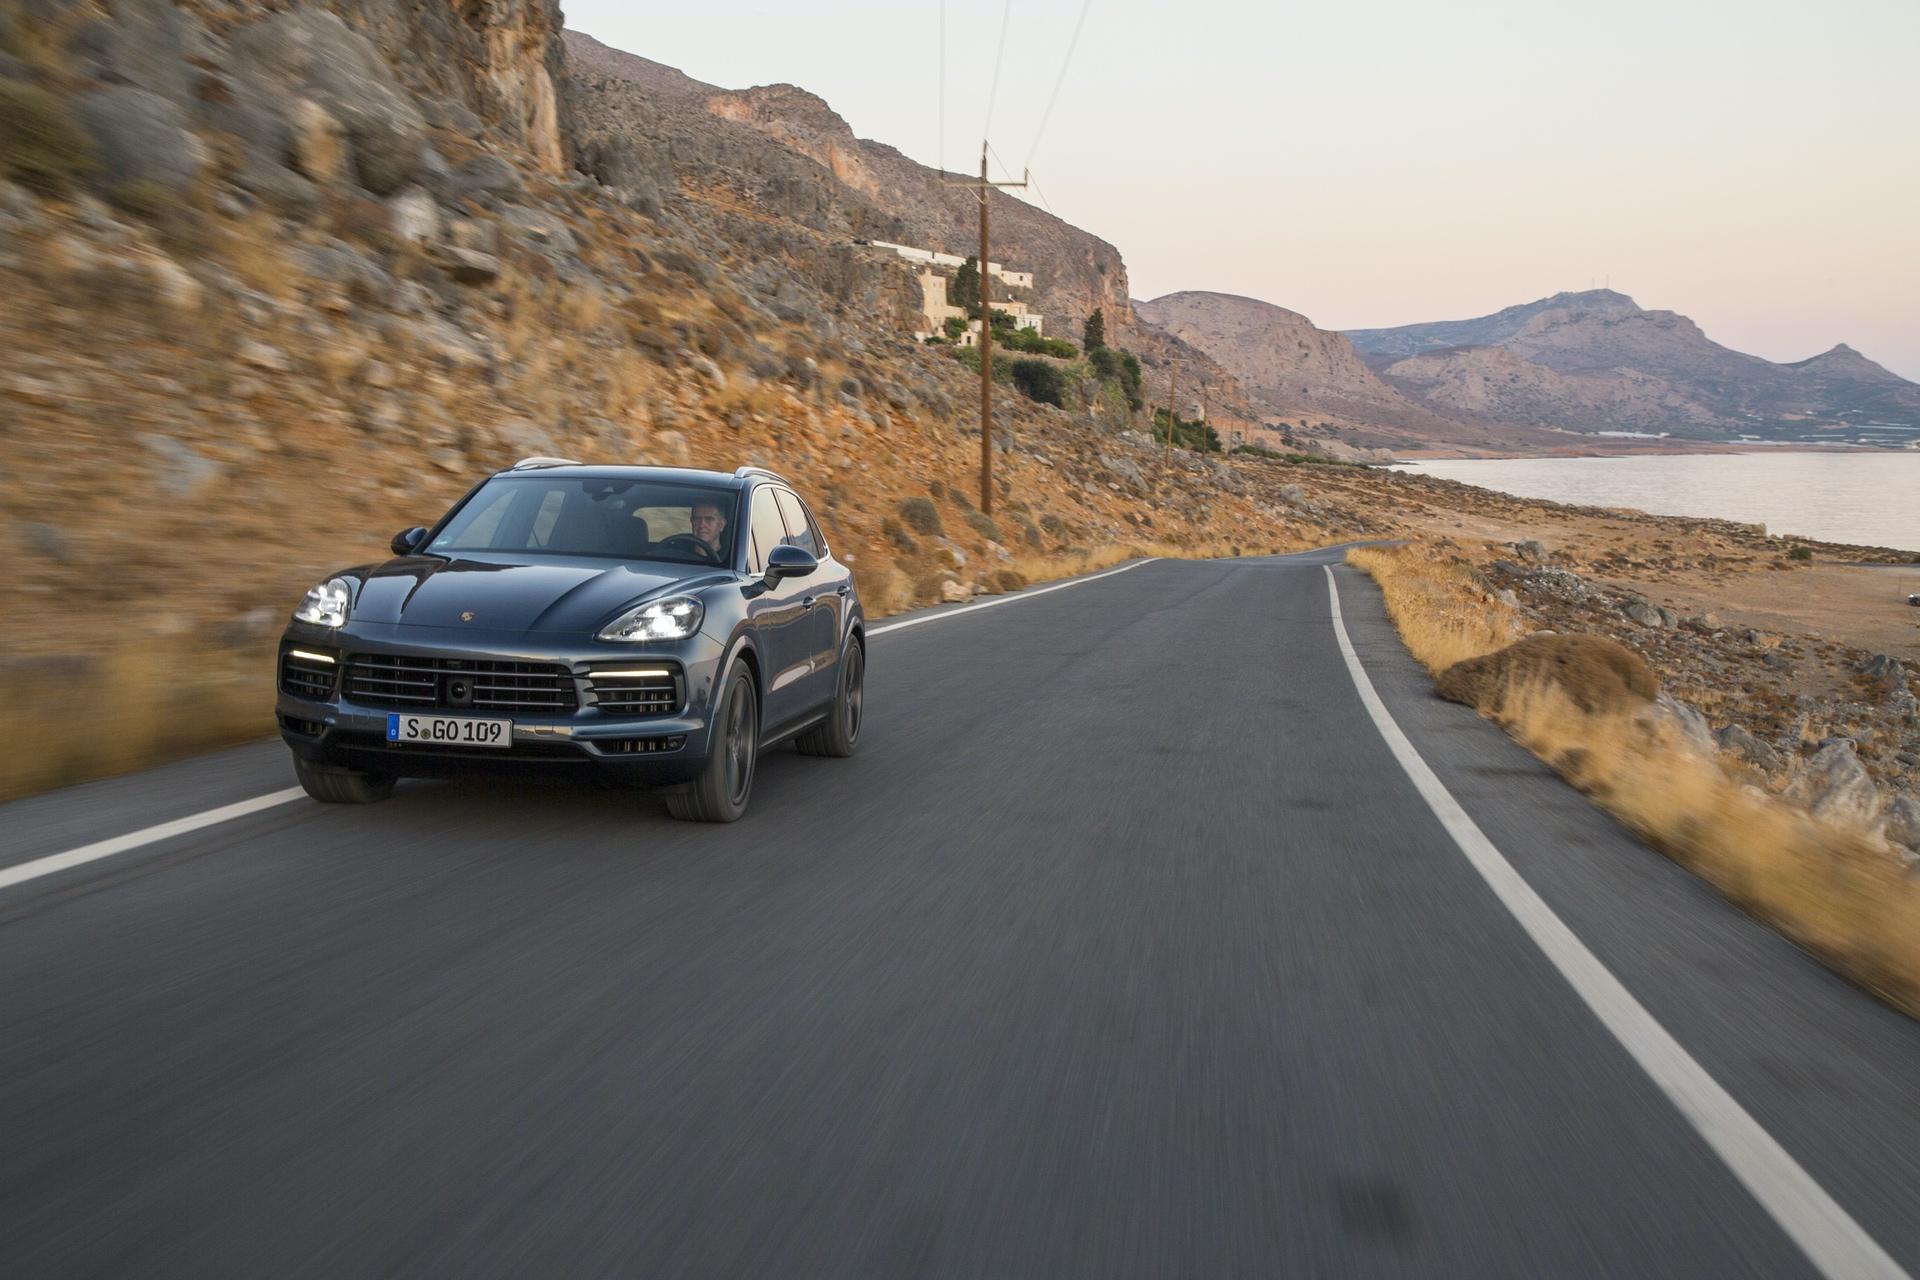 Test_Drive_Porsche_Cayenne_298